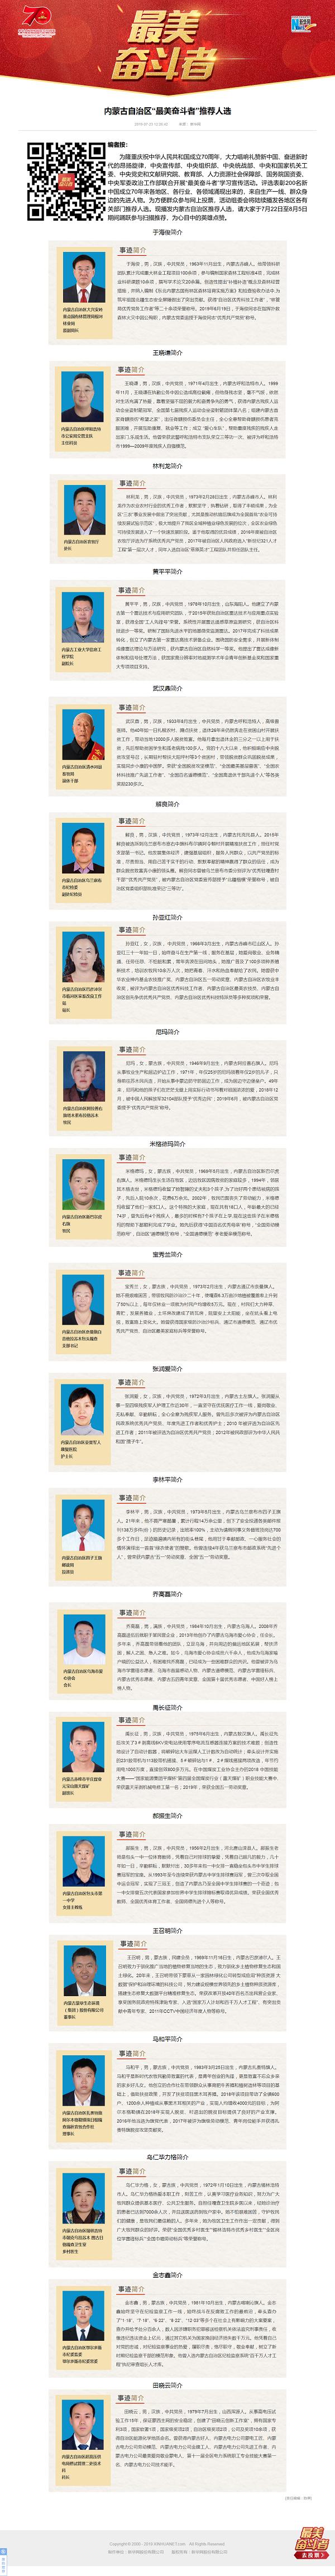 """内蒙古自治区""""最美奋斗者""""推荐人选-新华网"""